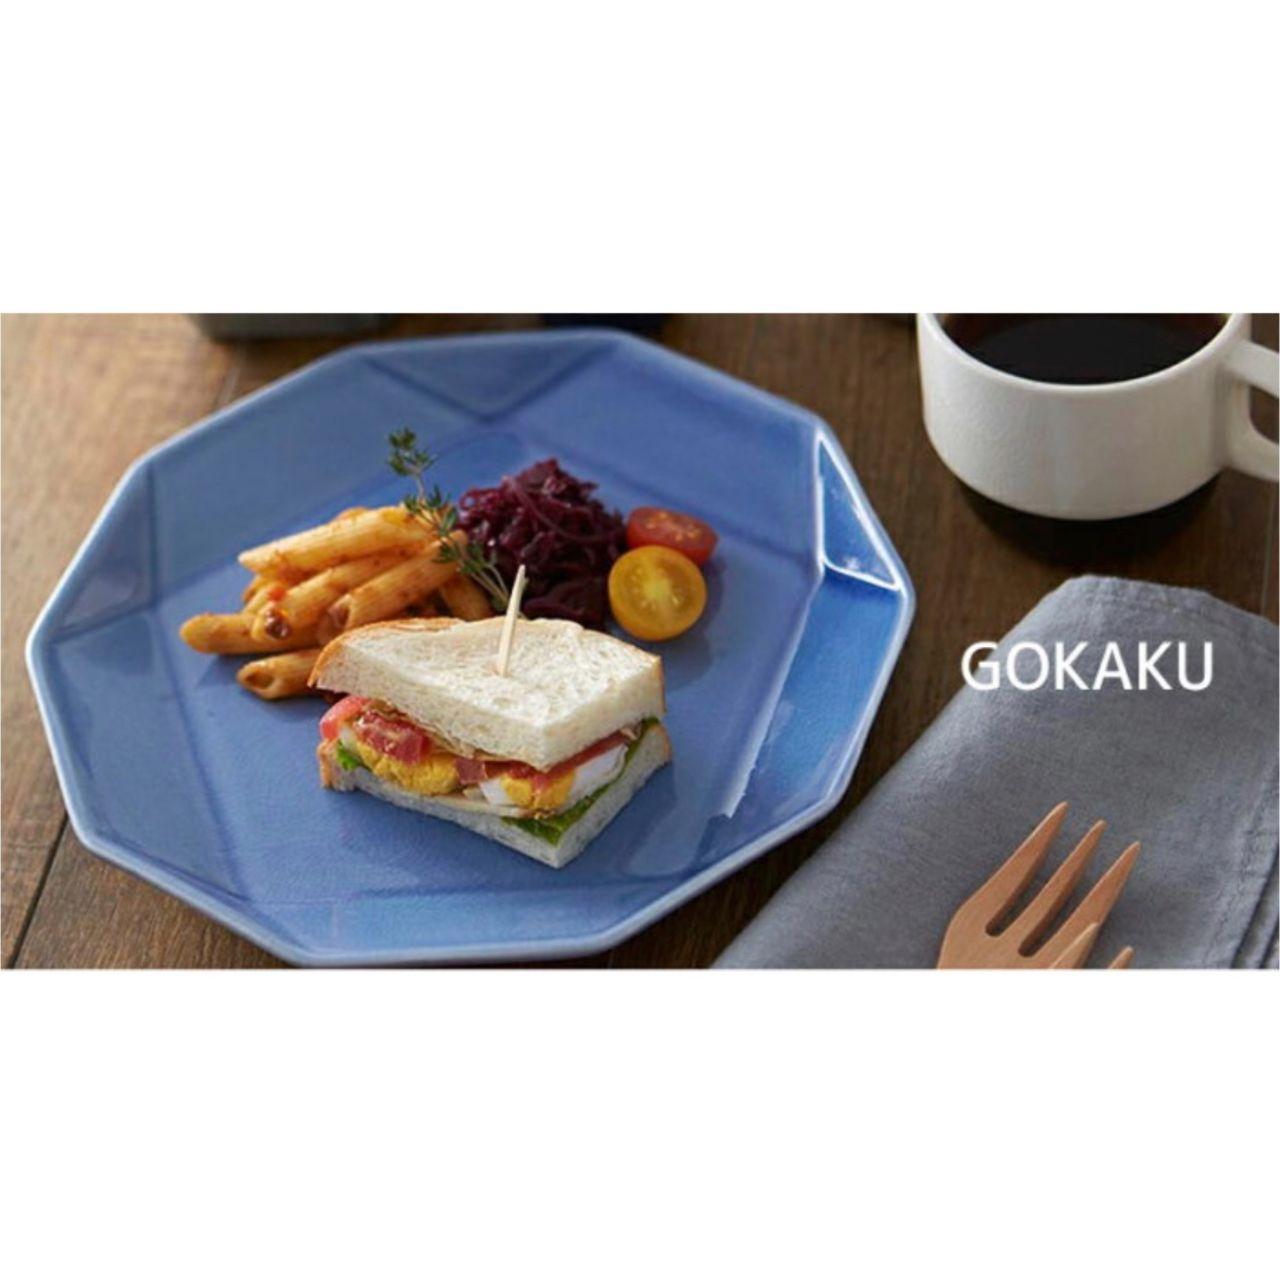 「GOKAKU プレート✧︎*。」の写真